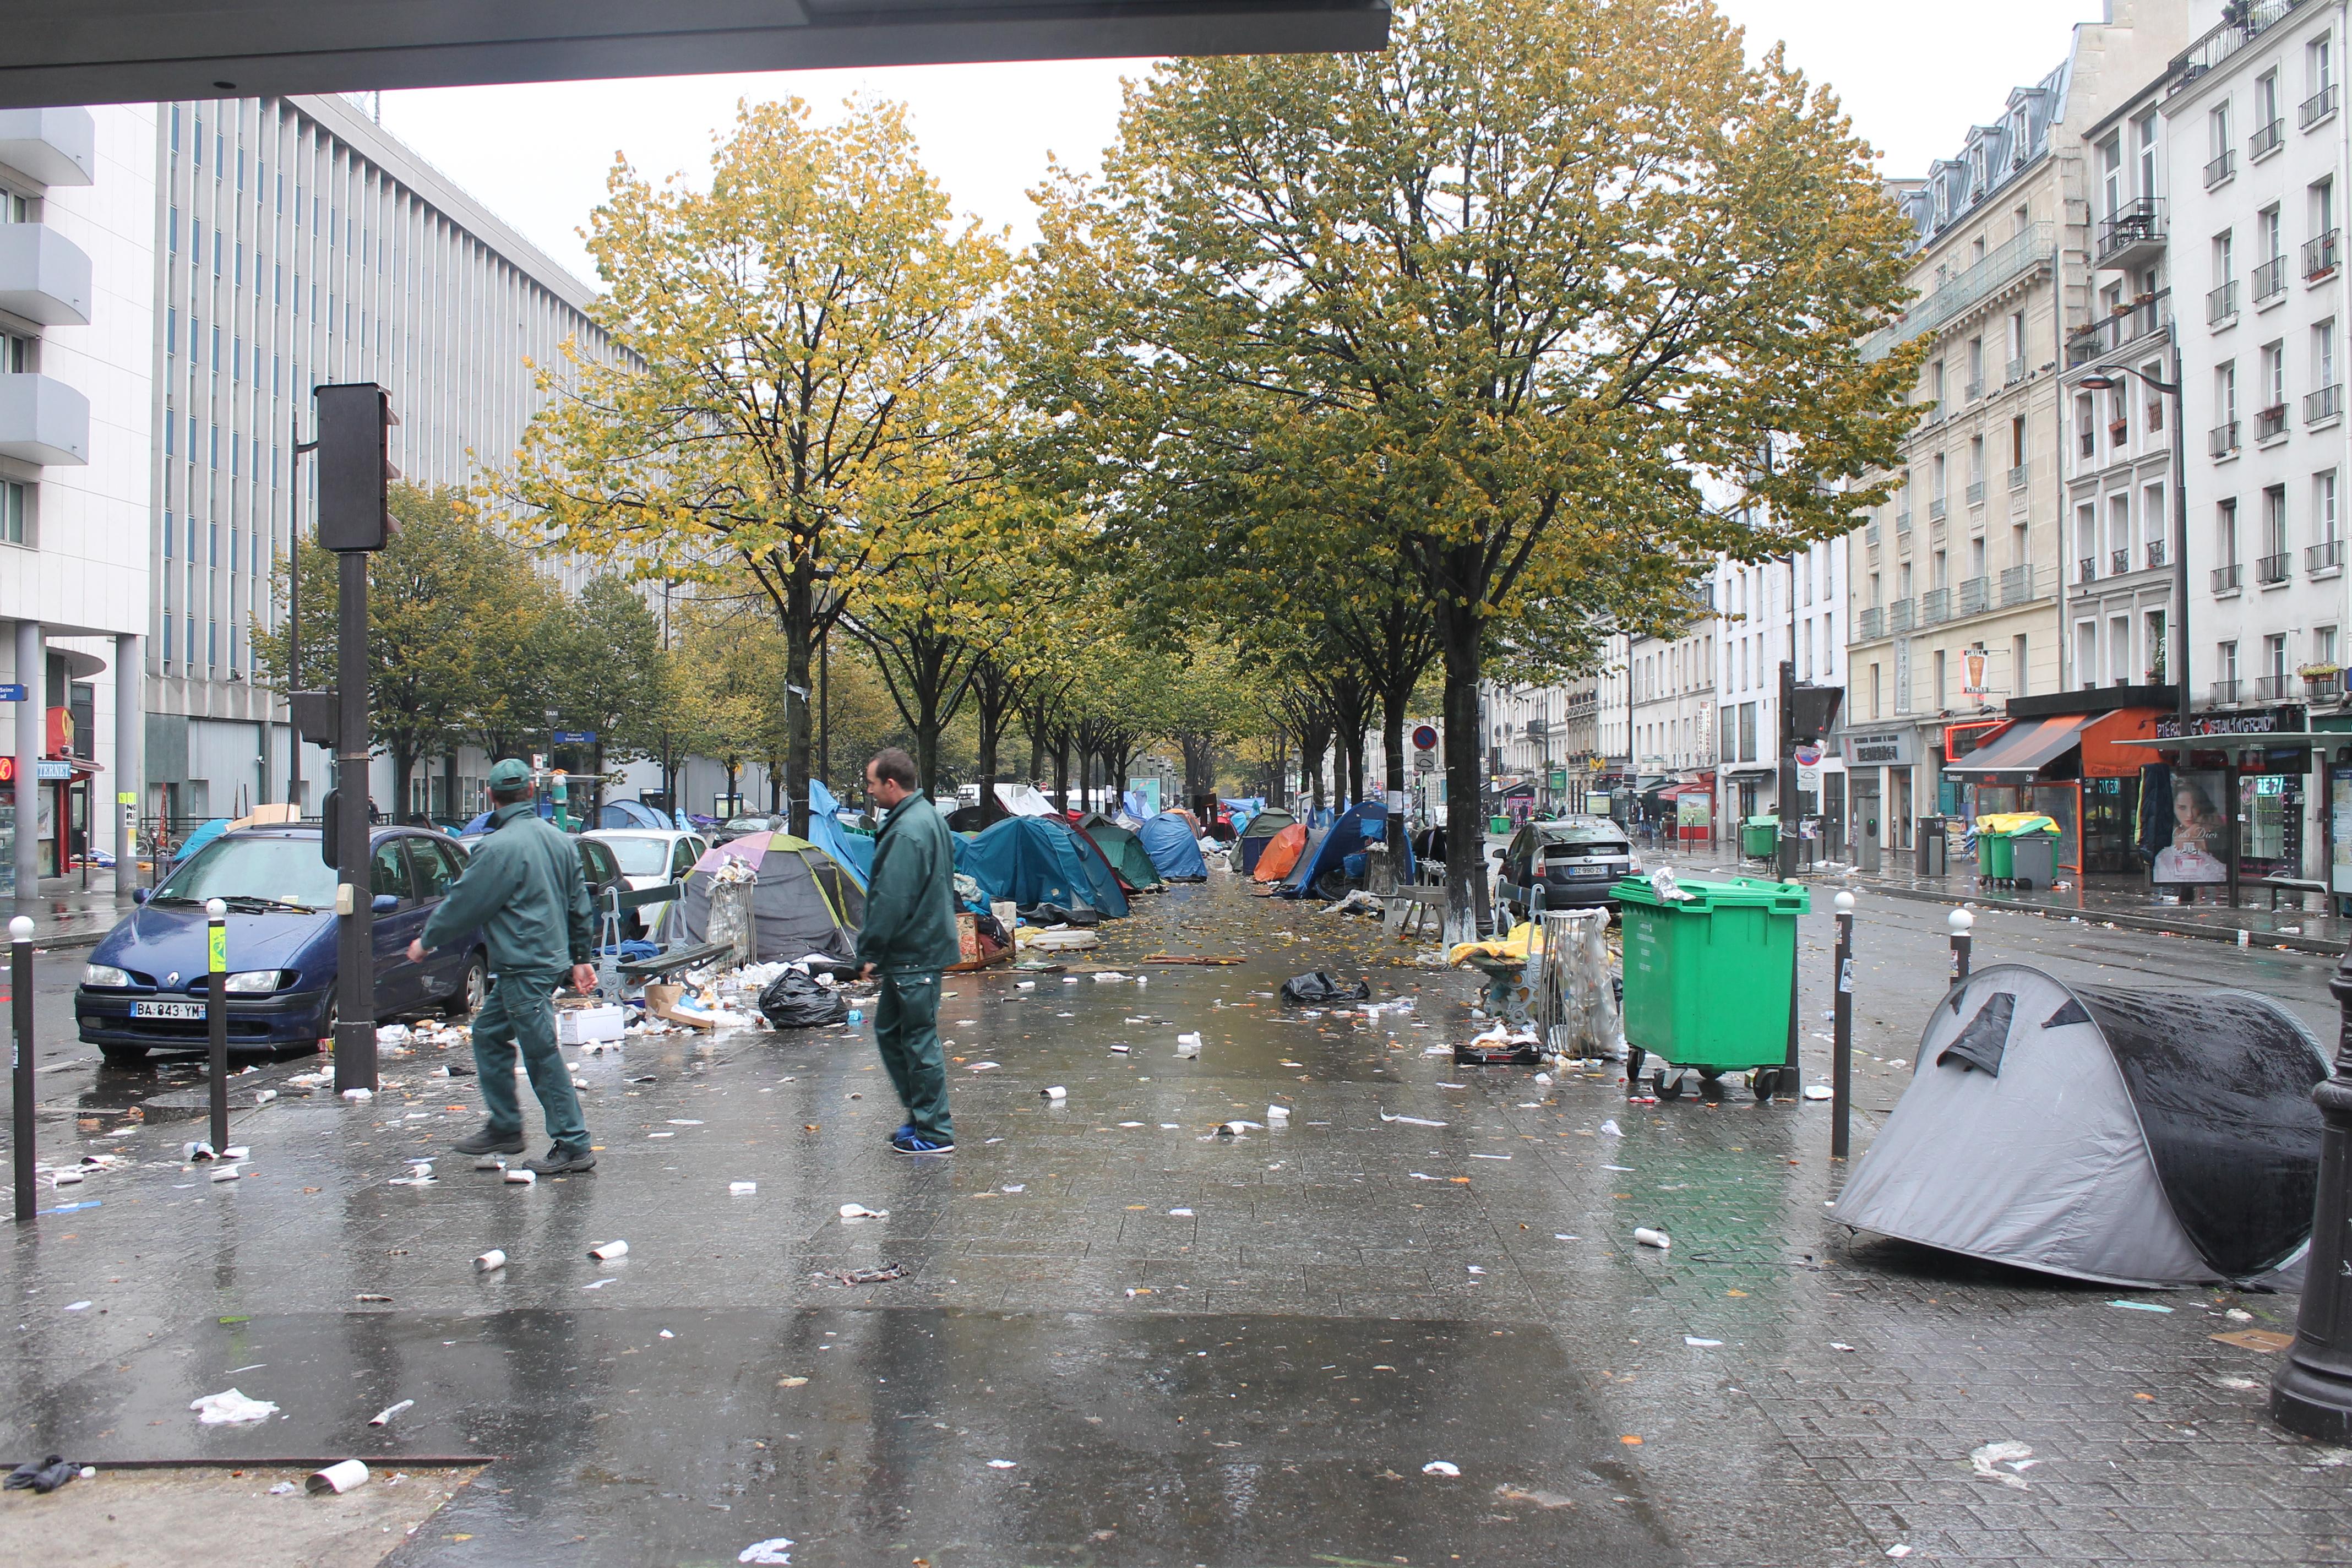 evacuazione-migranti-stalingrado-4-novembre-26